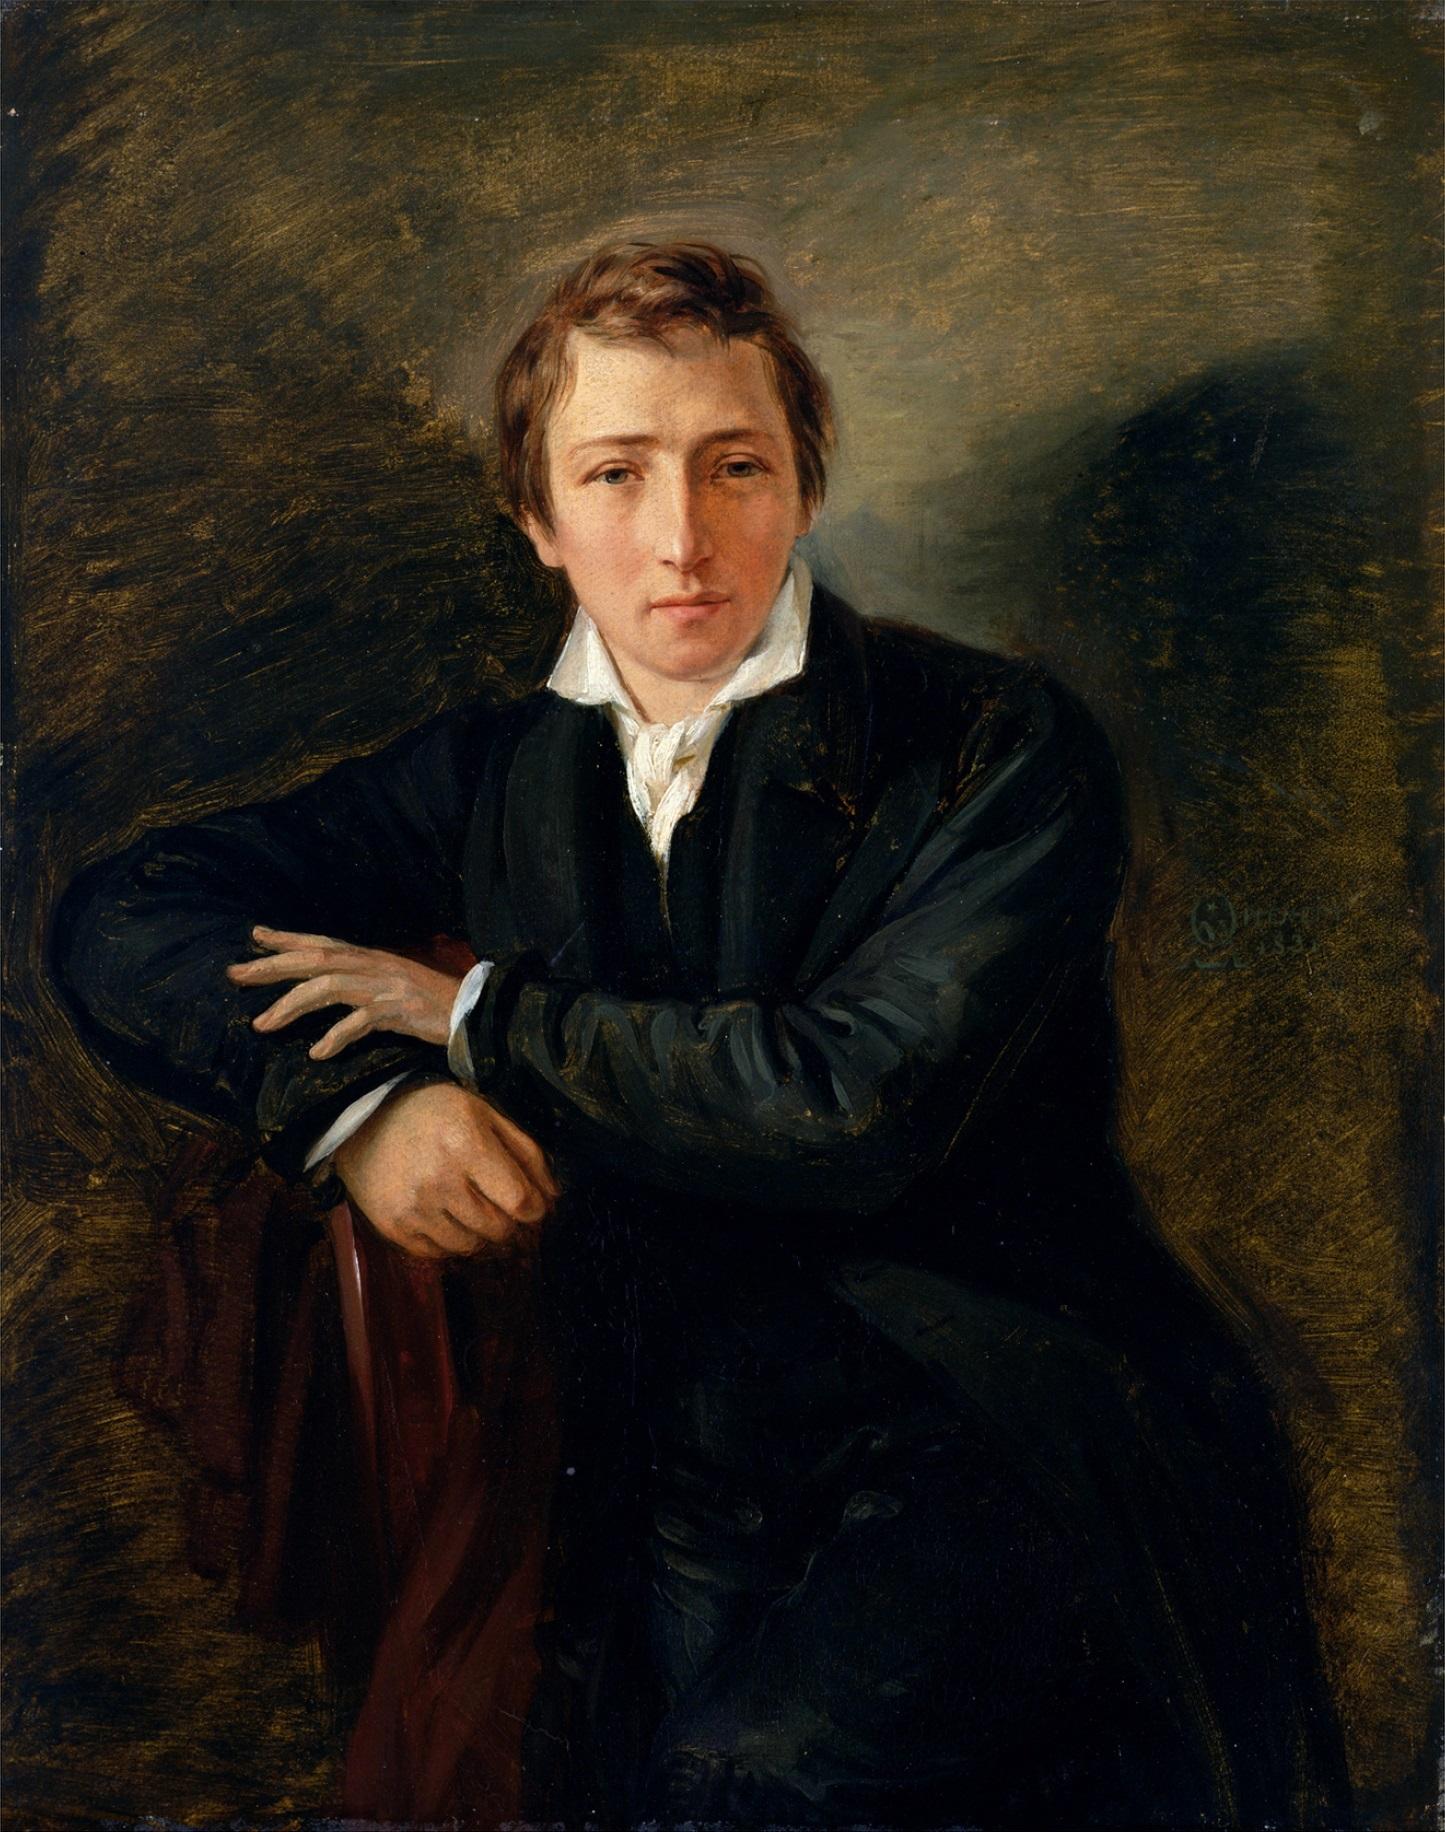 Heinrich Heine (30)